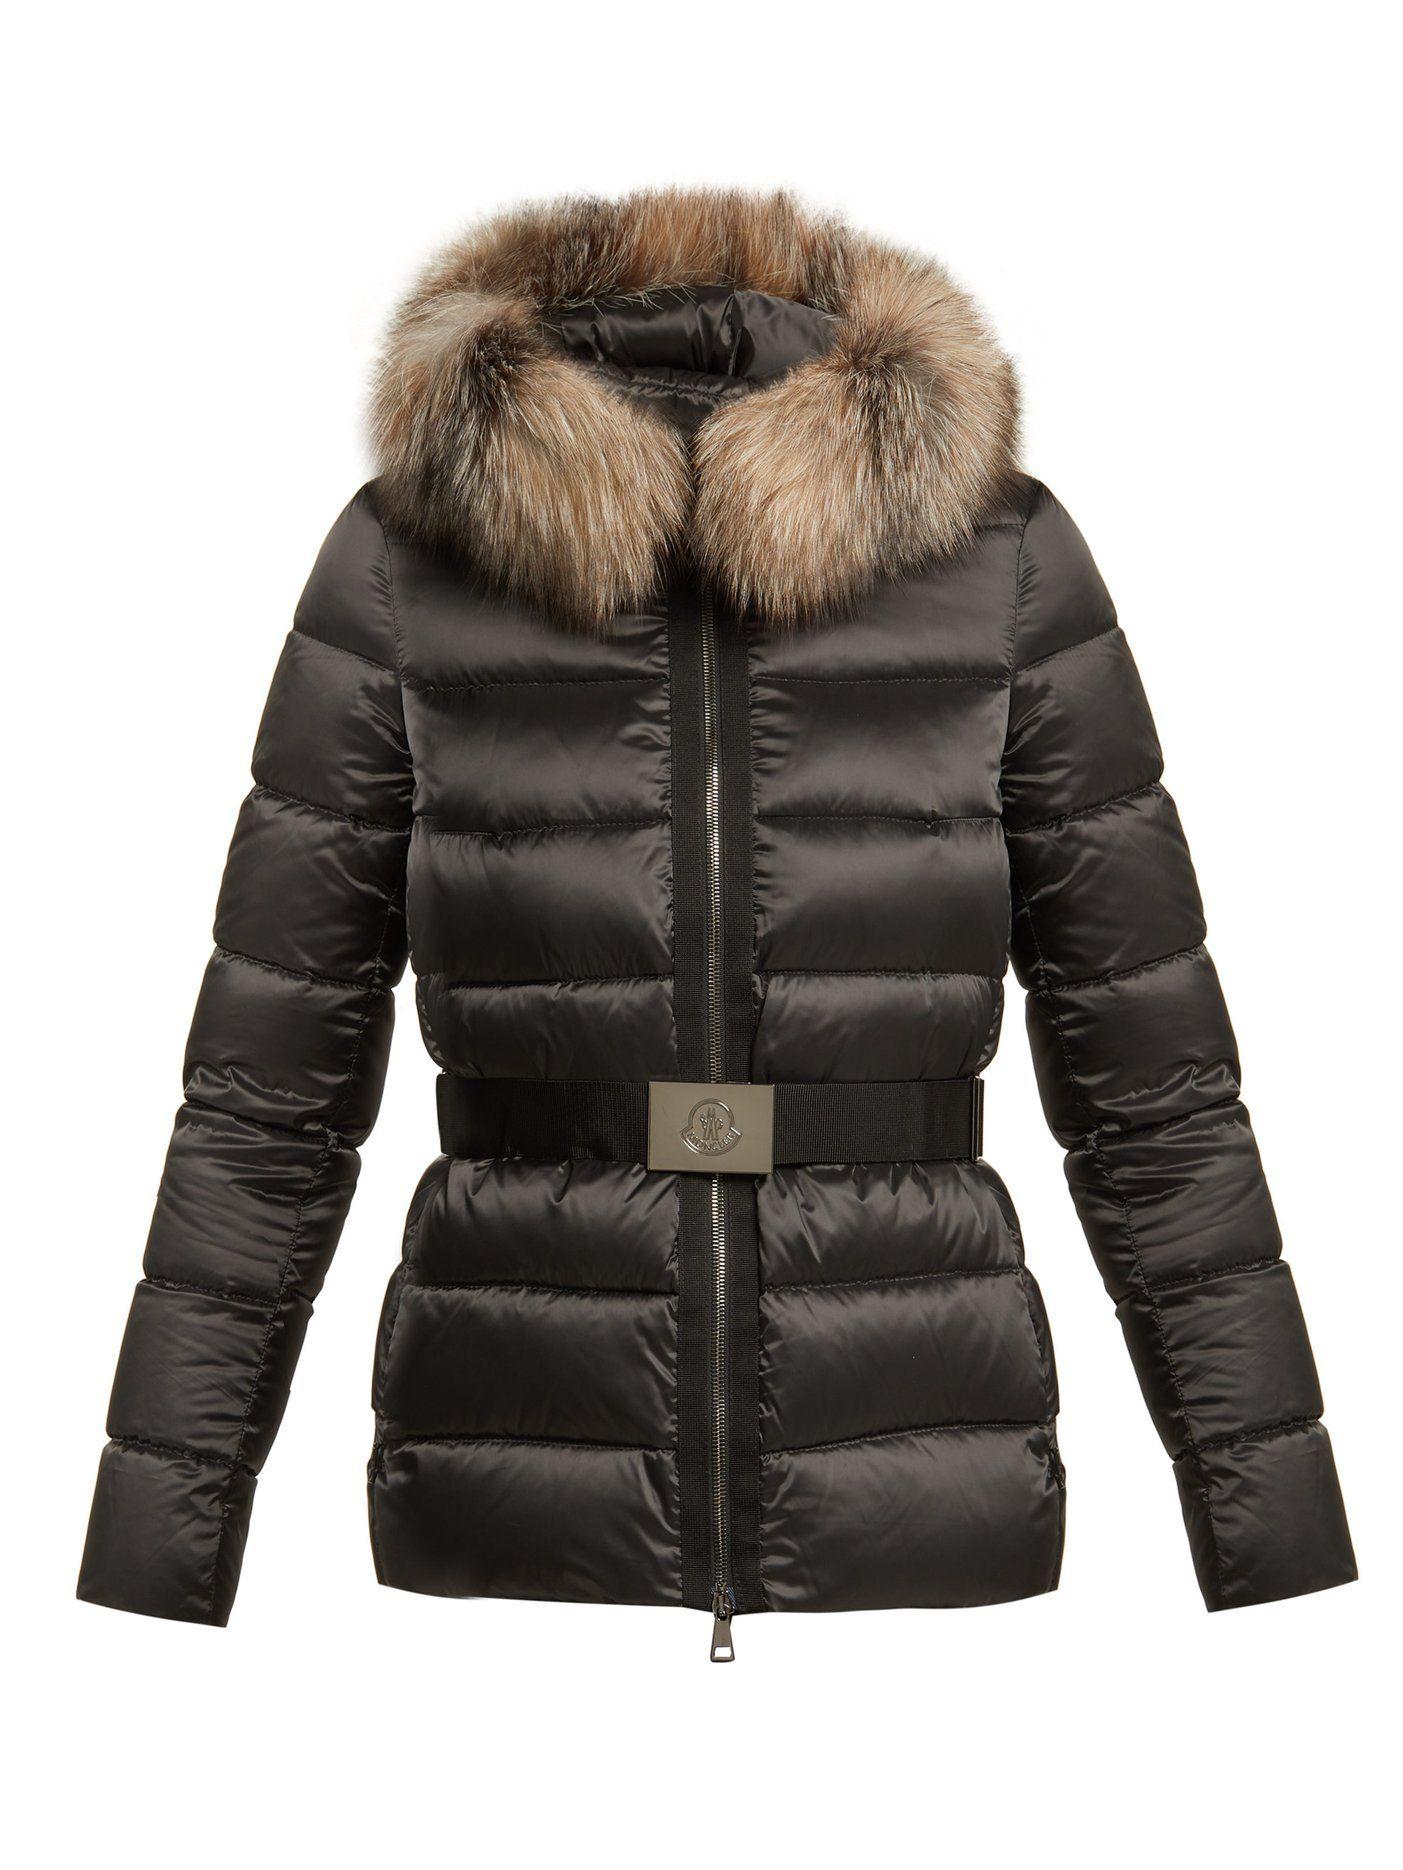 Tatie quilteddown jacket Moncler